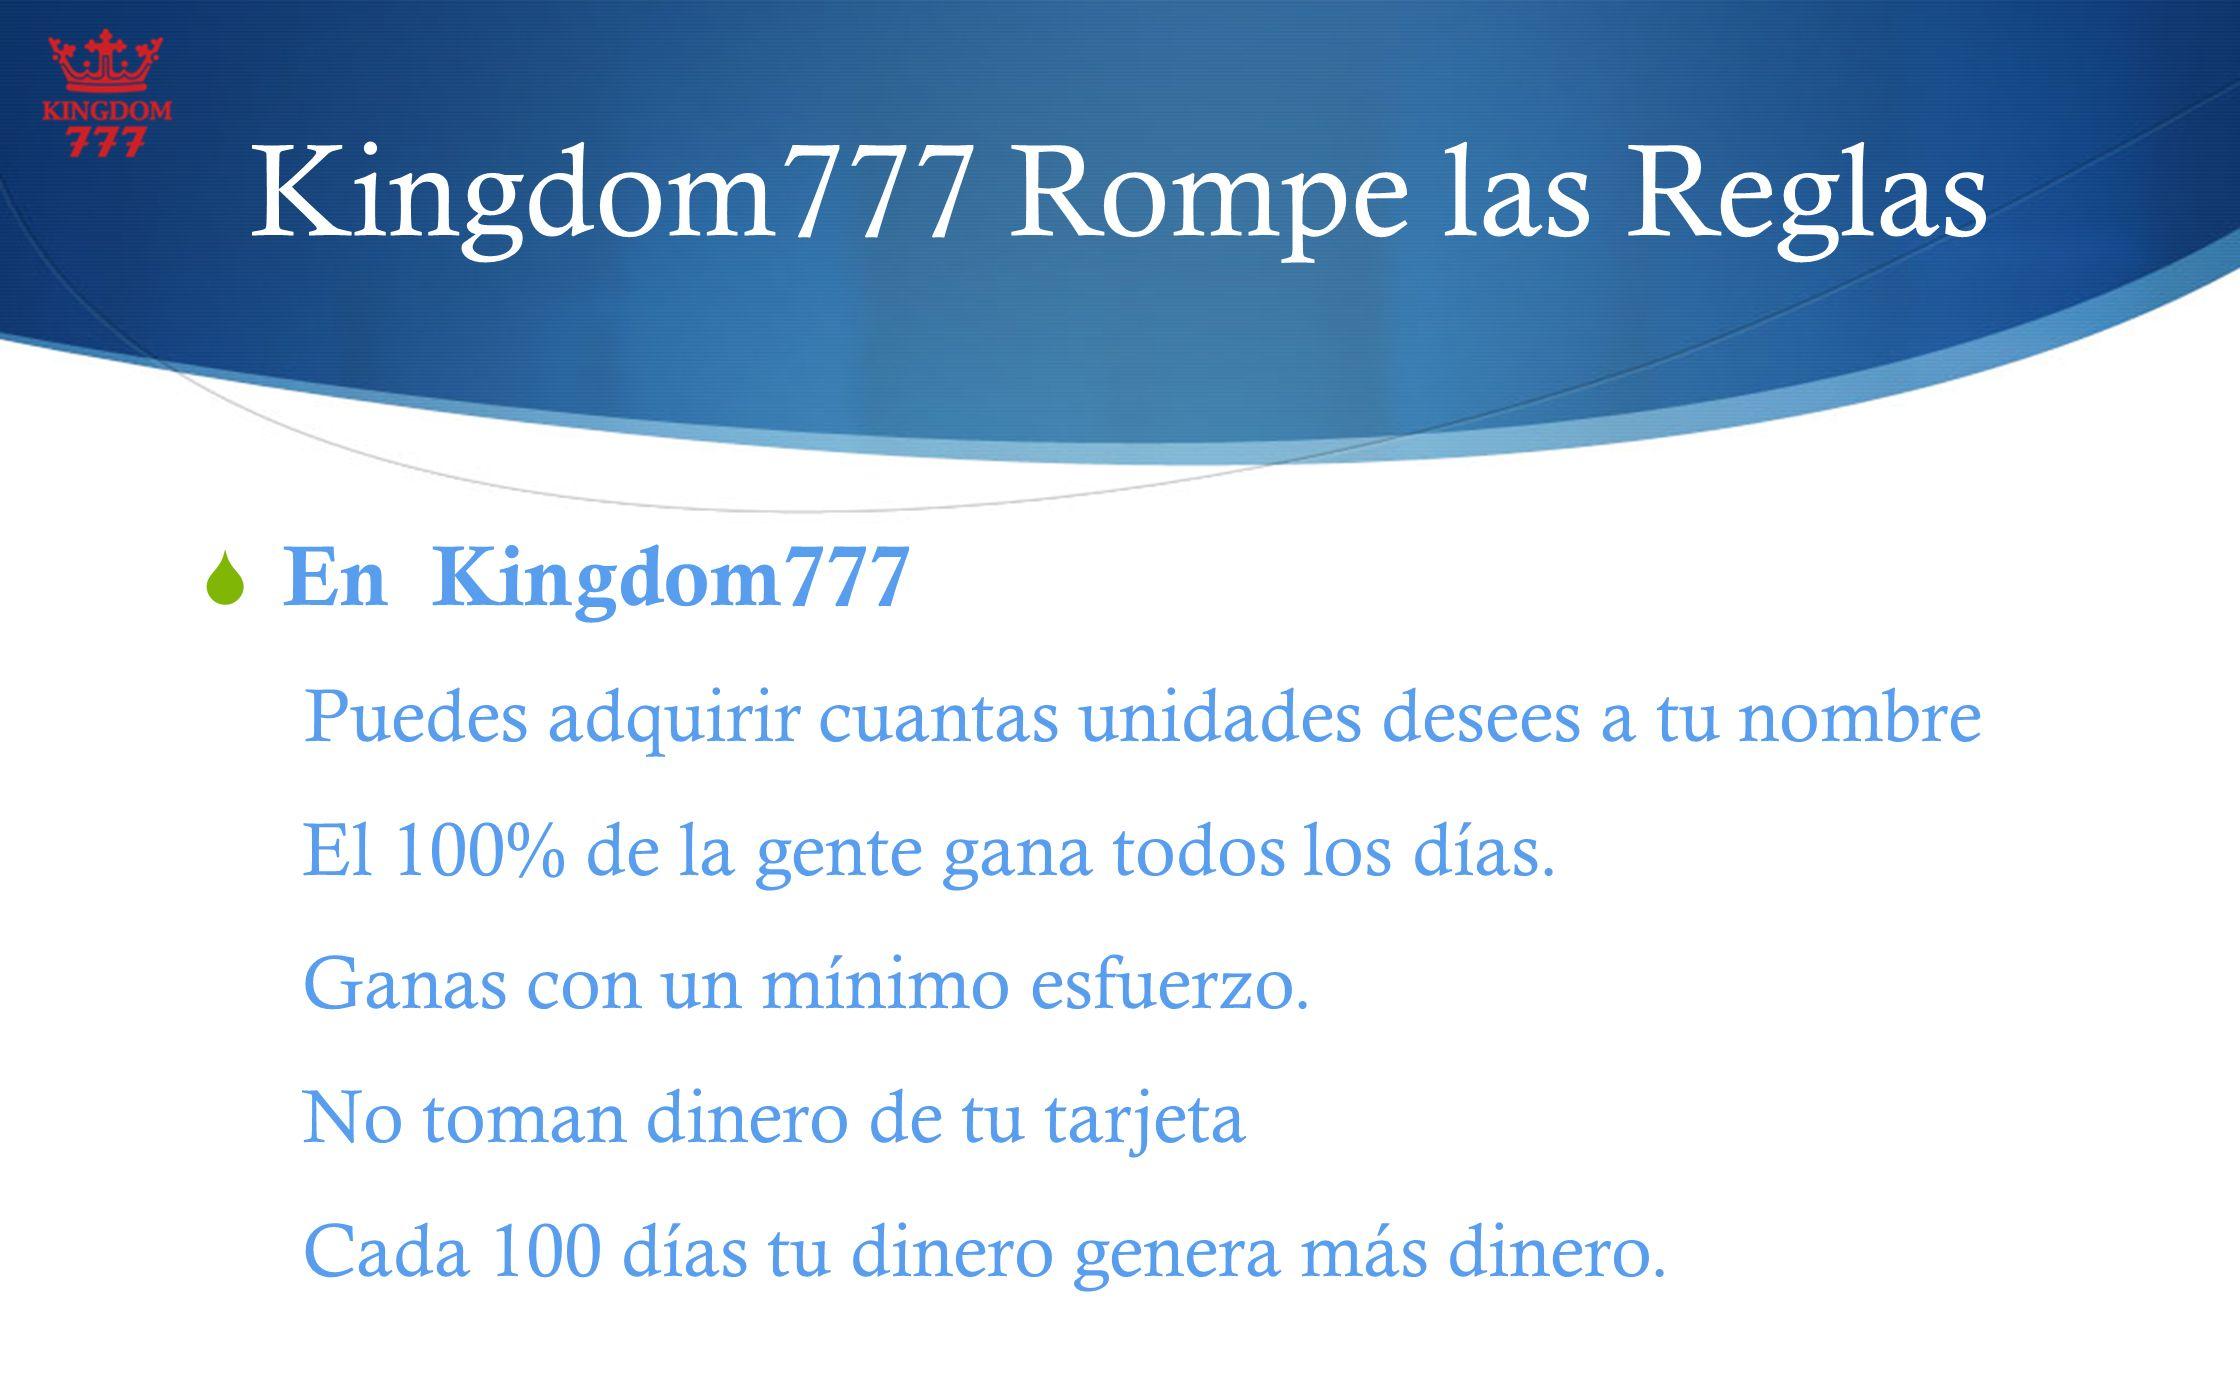 Kingdom777 Rompe las Reglas